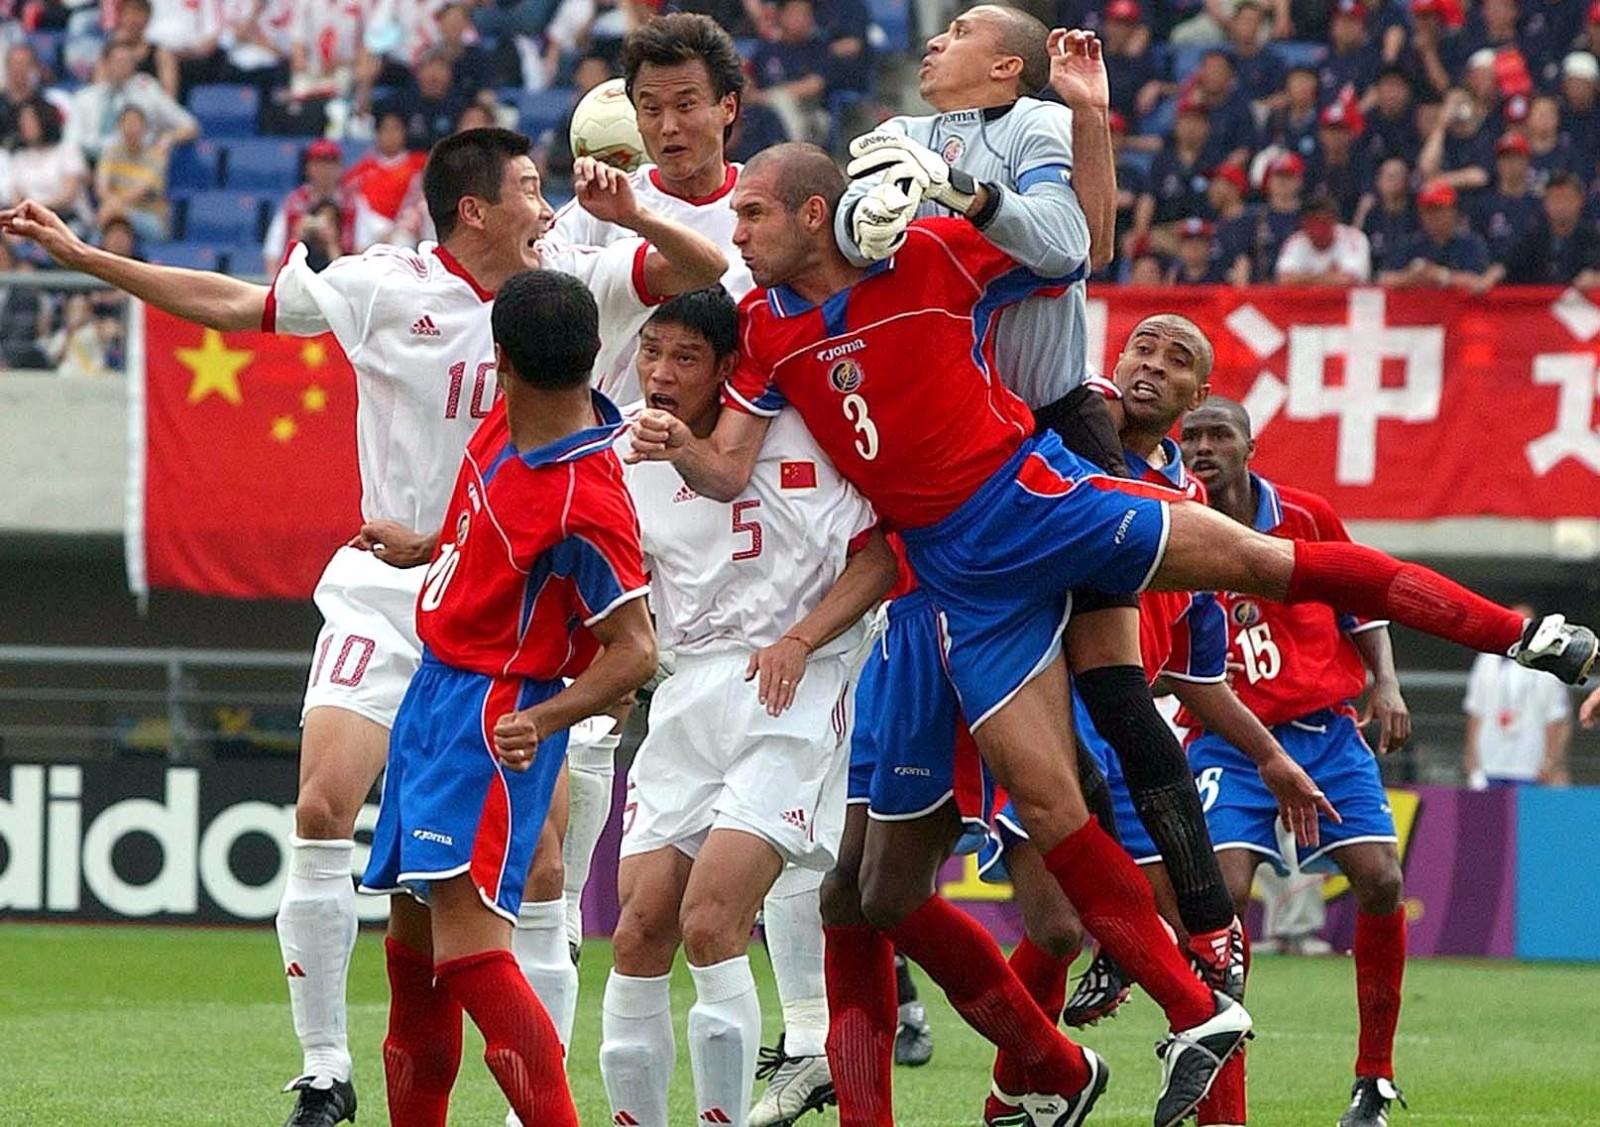 2002年,中国队经历了44年的等待,首次登上世界杯舞台。小组赛三战皆负,未进一球。\\\\r\\\\n图为2002年6月4日,在韩国光州进行的世界杯C组第二场比赛中,双方球员在比赛中拼抢,中国队首战以0比2负于哥斯达黎加队。